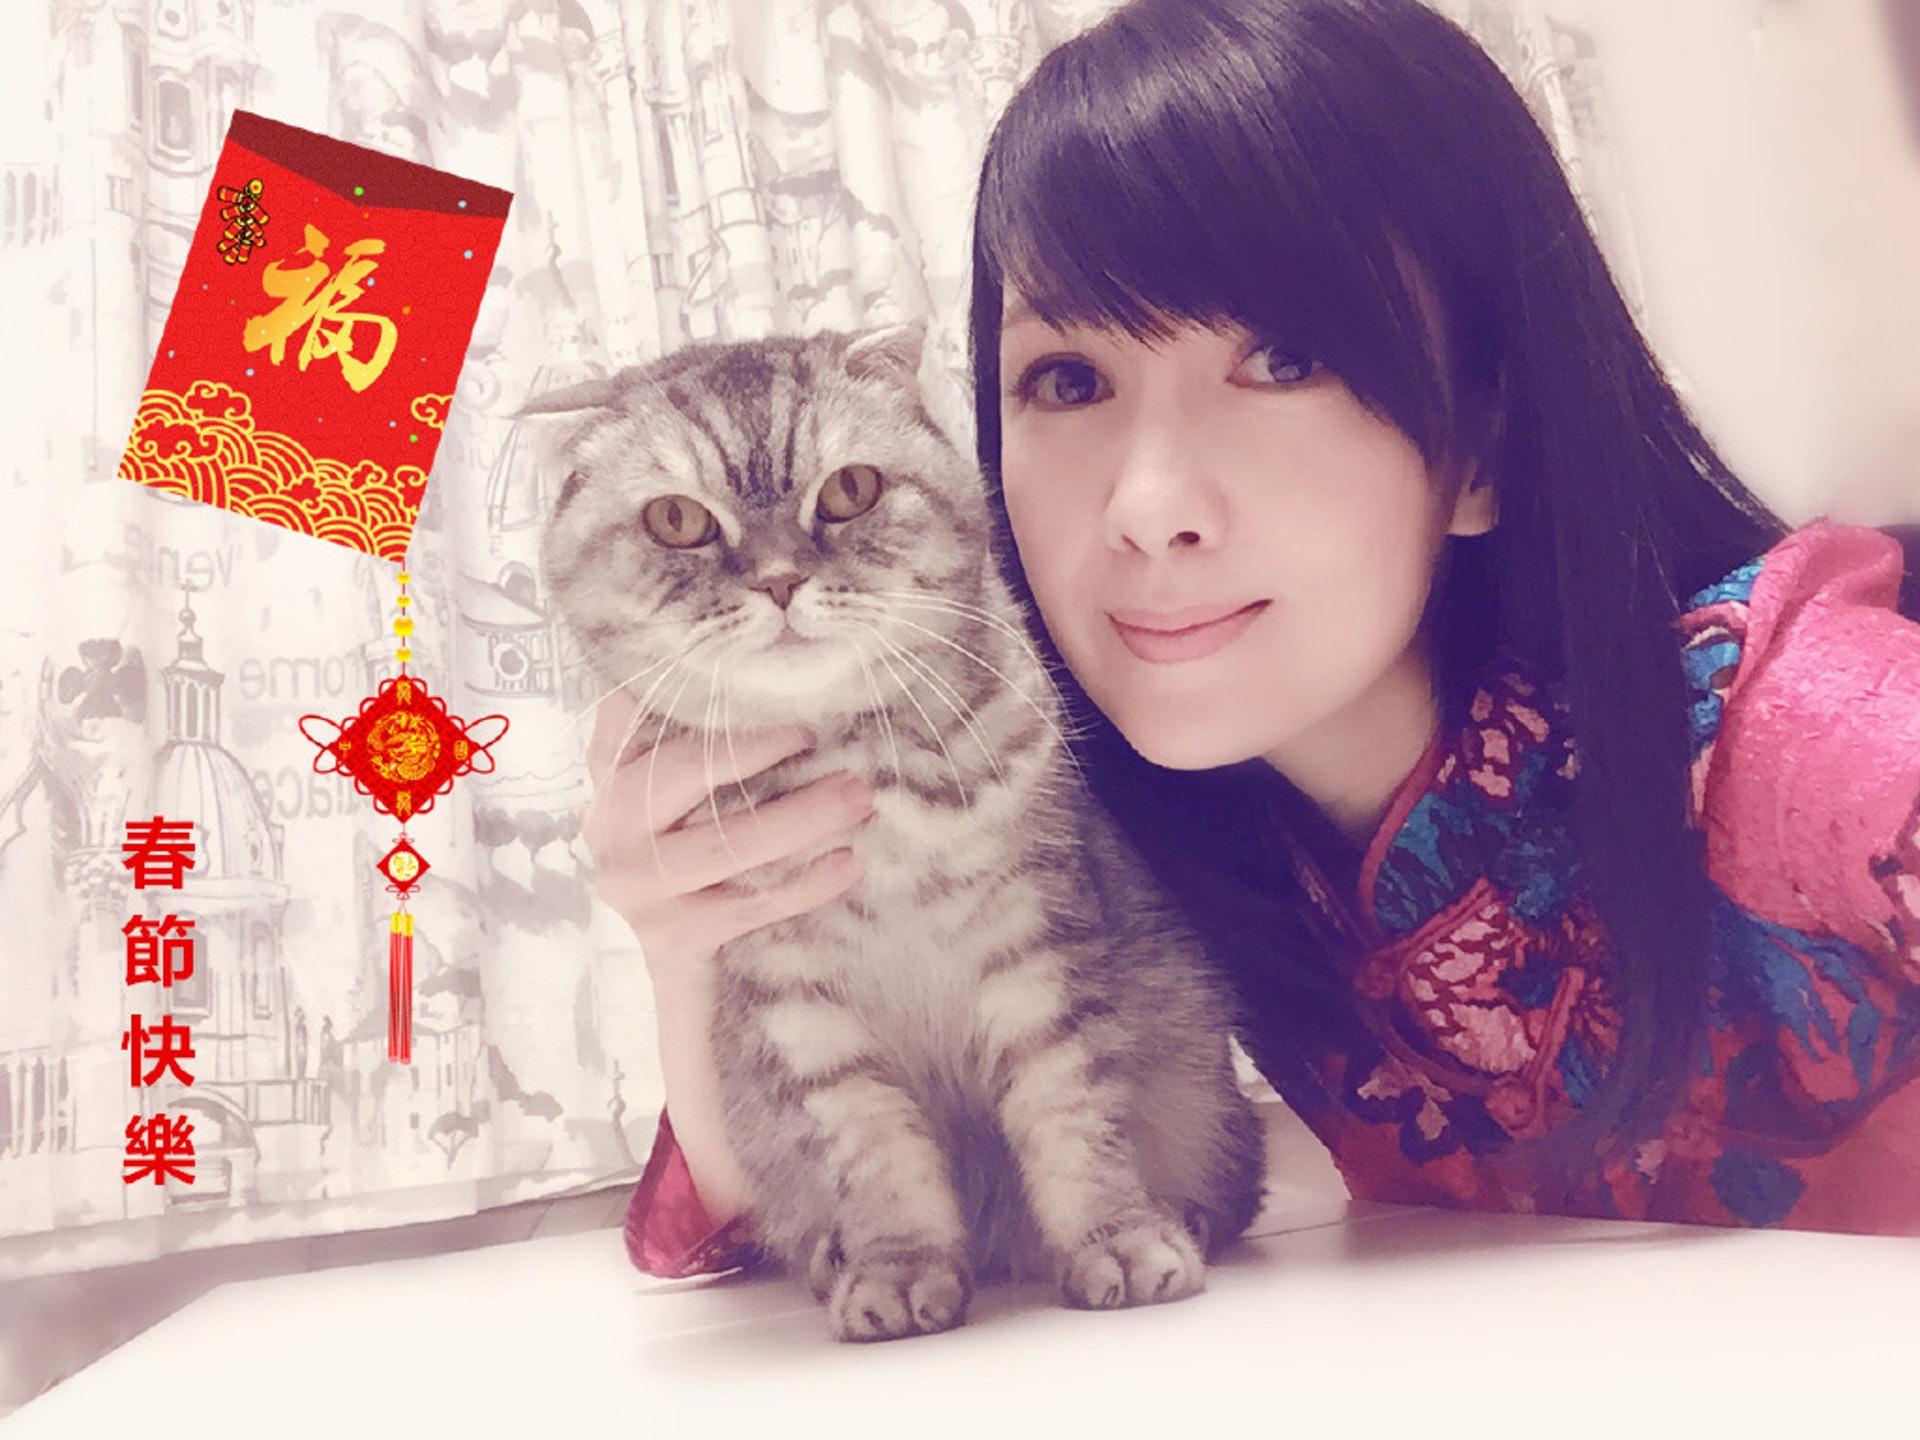 周慧敏不時在網上紀錄與愛貓相處的點滴!(微博照片)